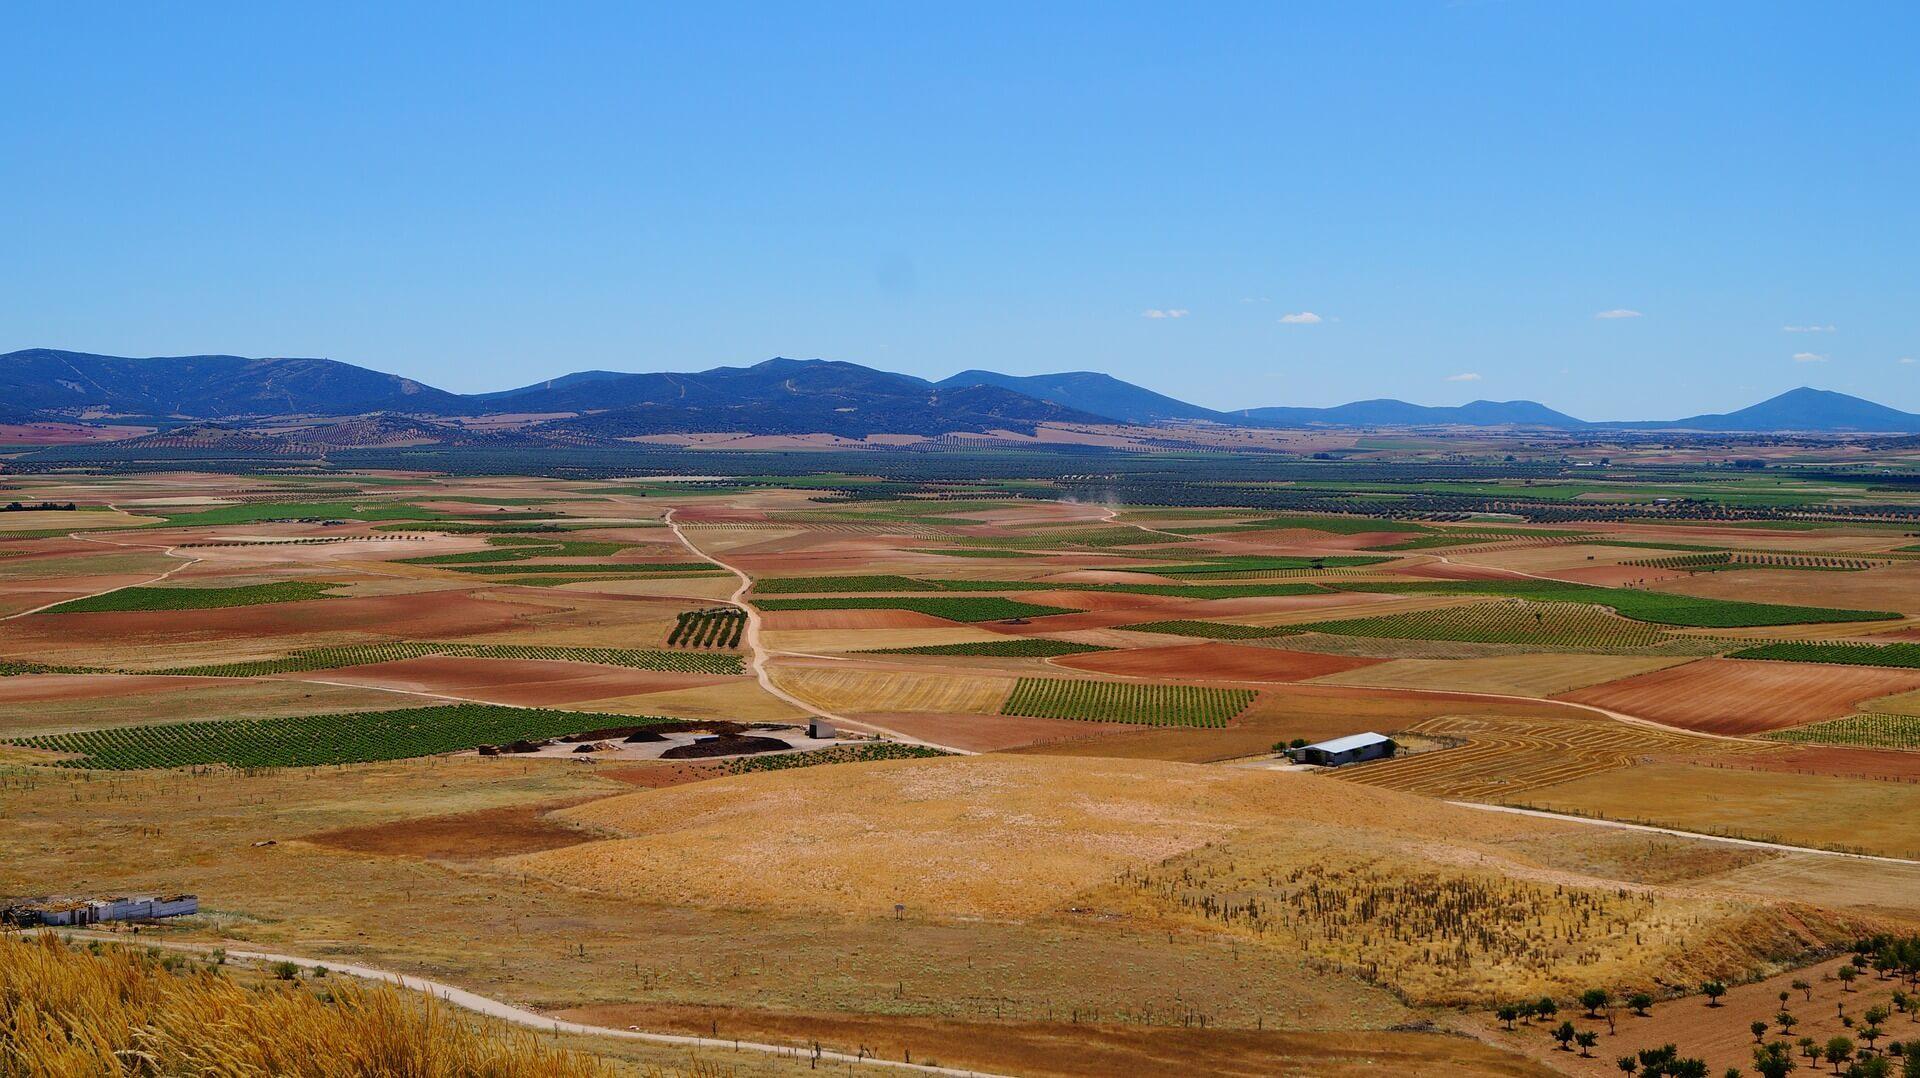 Campos de trigo, viñas y olivos en La Mancha